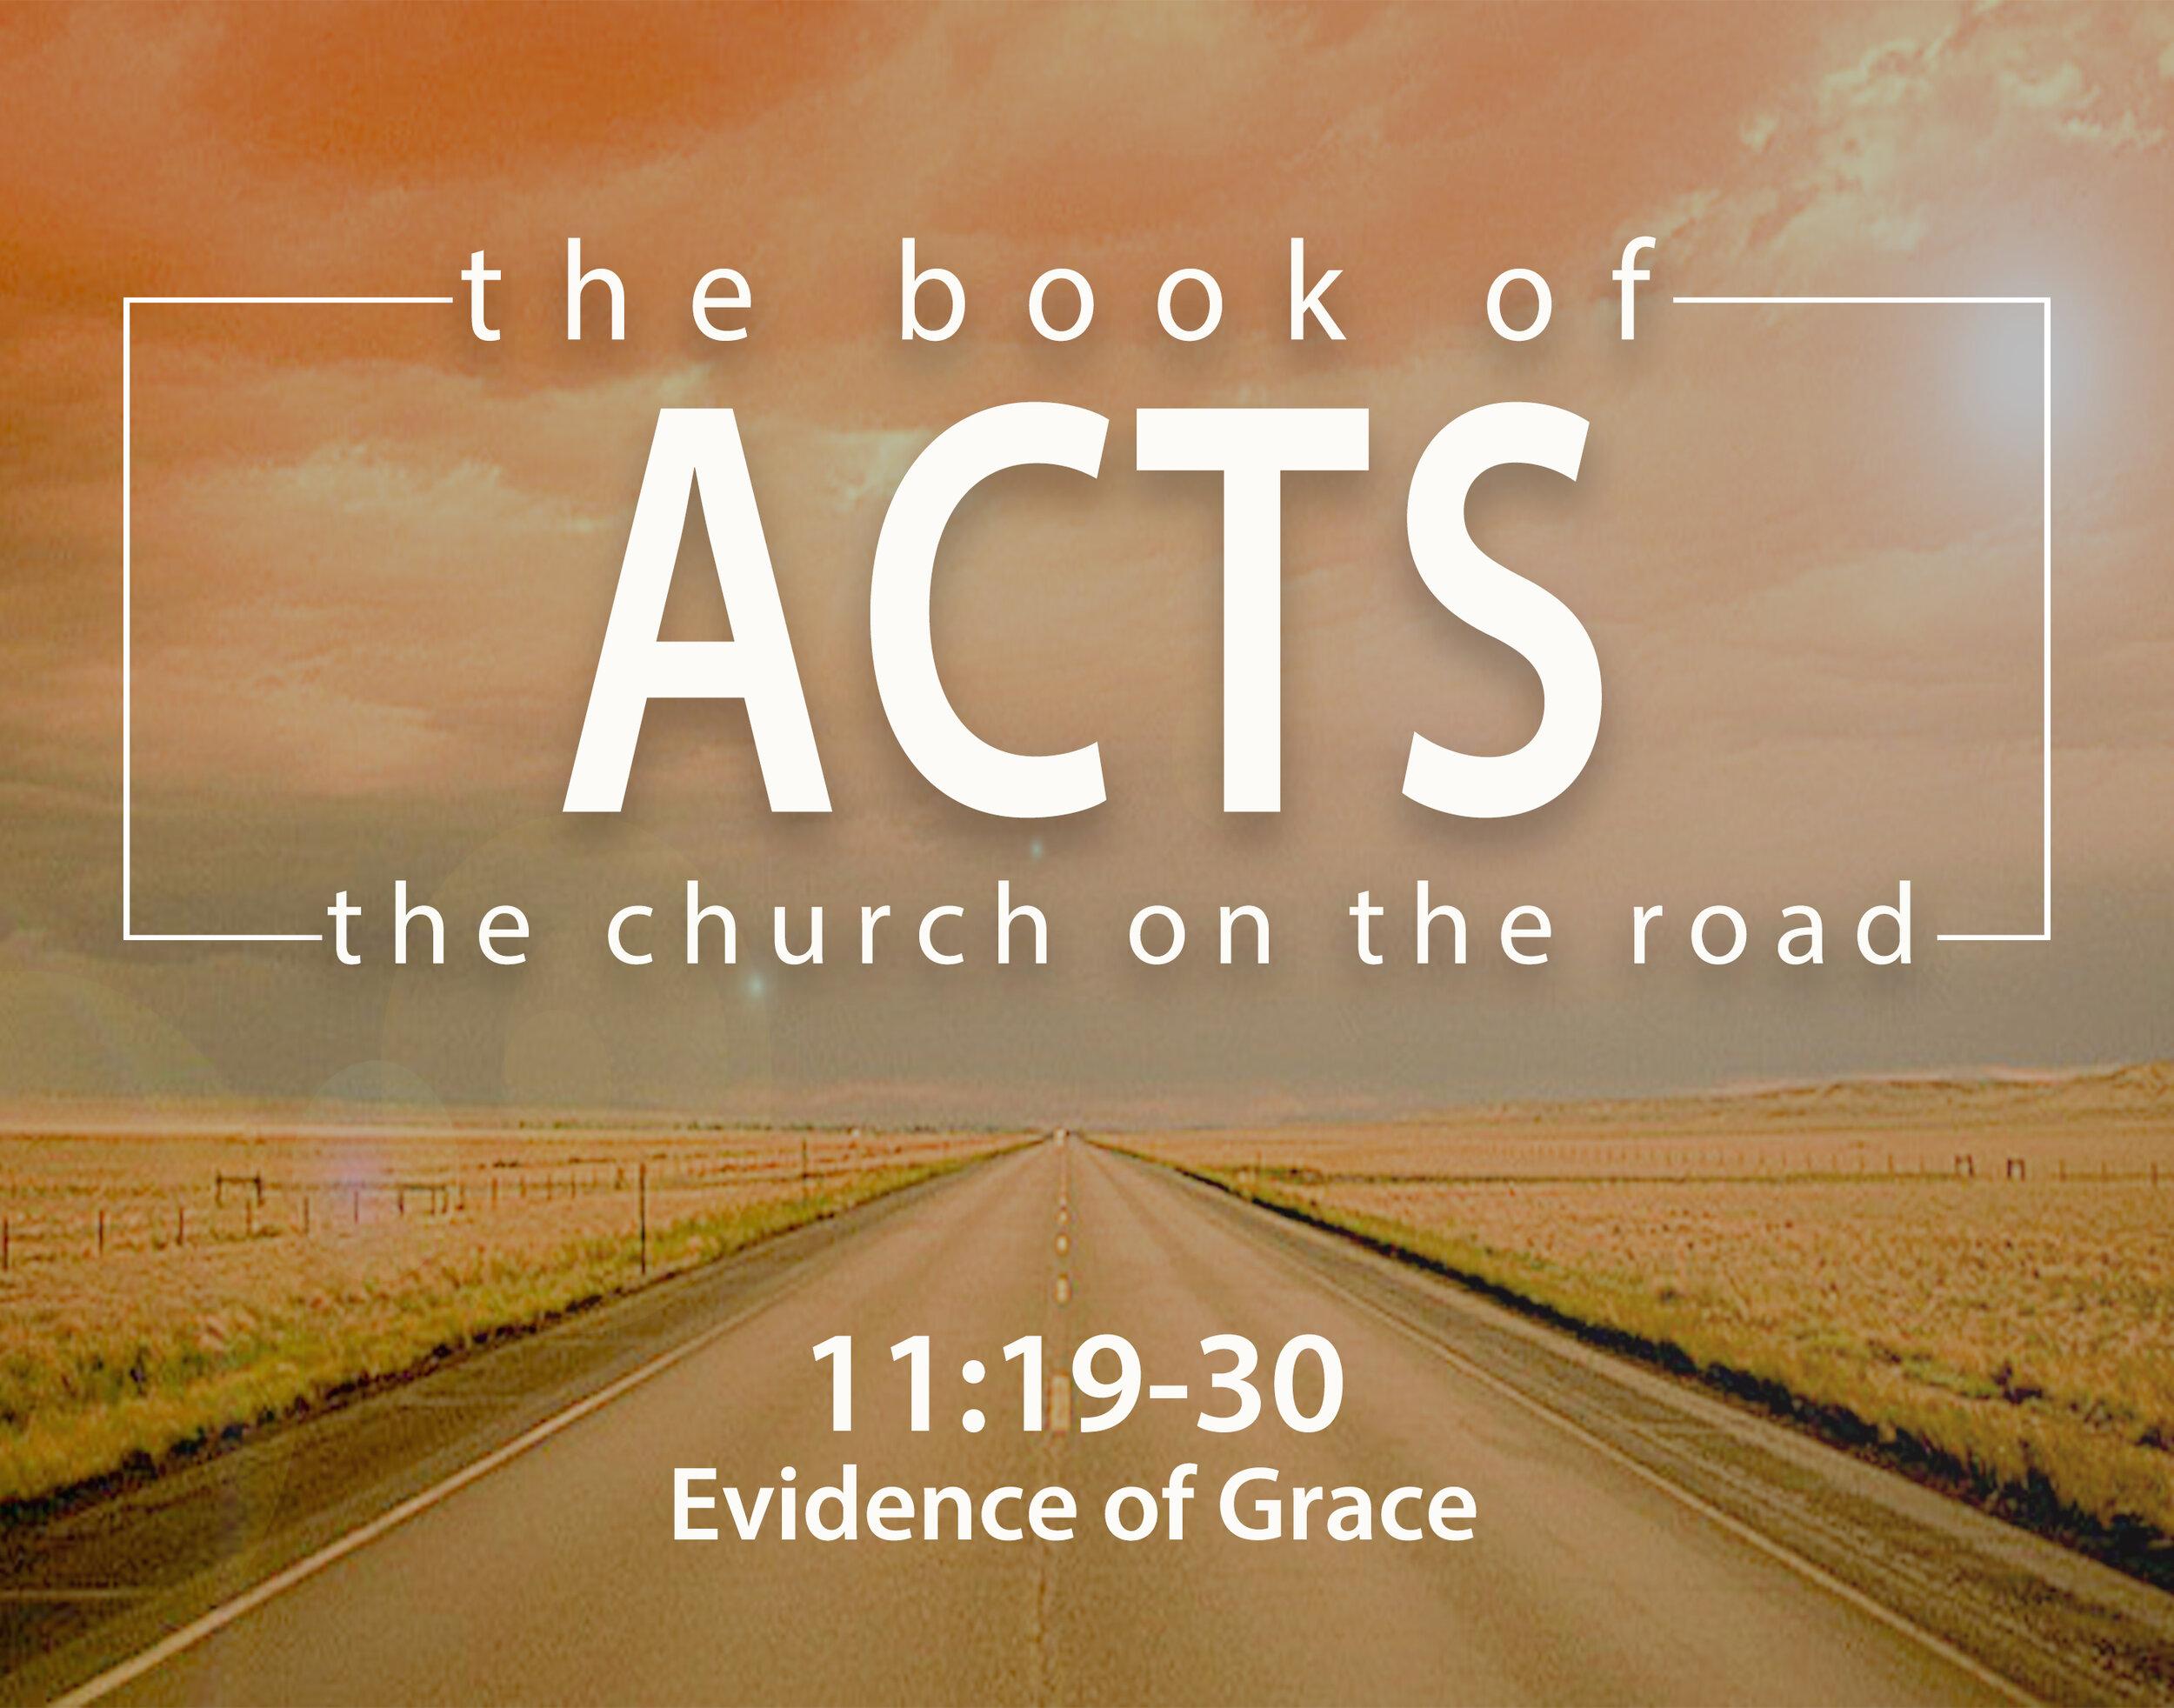 19Evidence of Grace.jpg